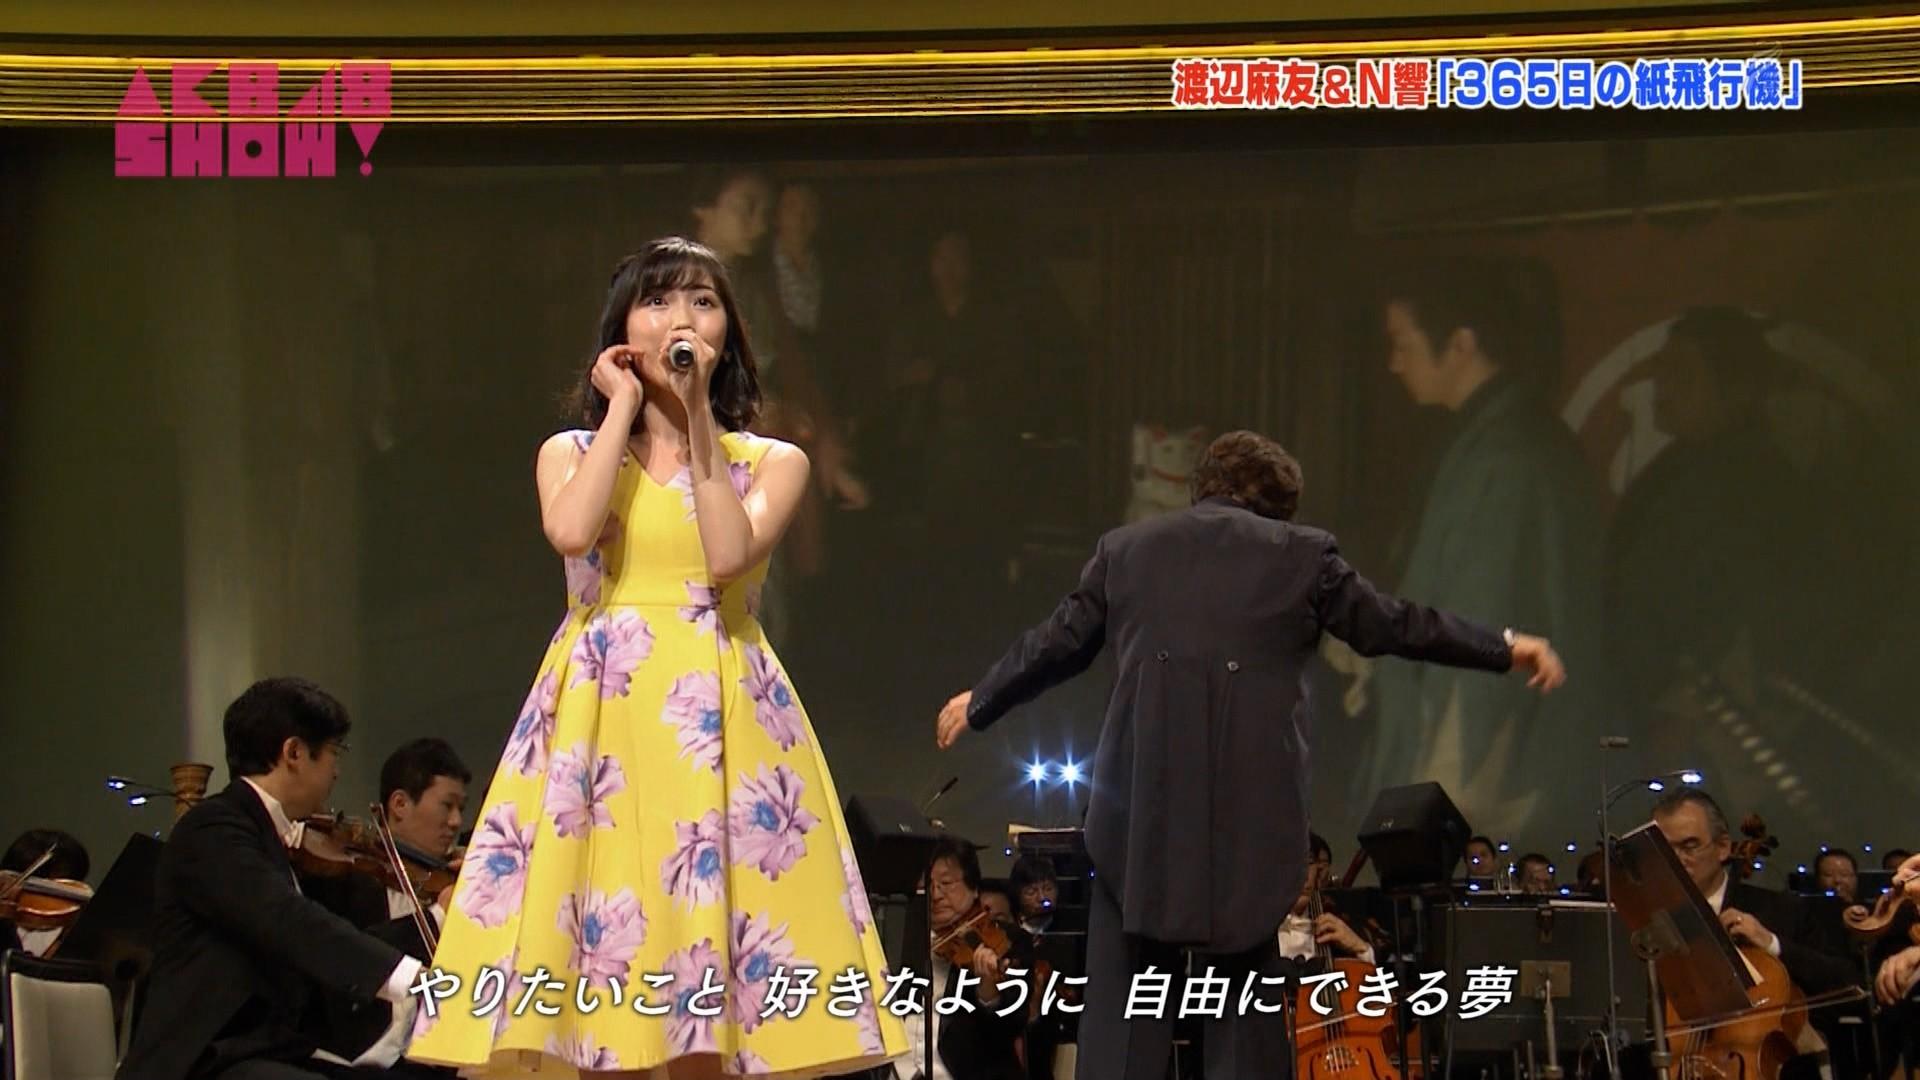 N響と渡辺麻友による一日限りのコラボ「365日の紙飛行機」【4月23日 AKB48SHOW!】